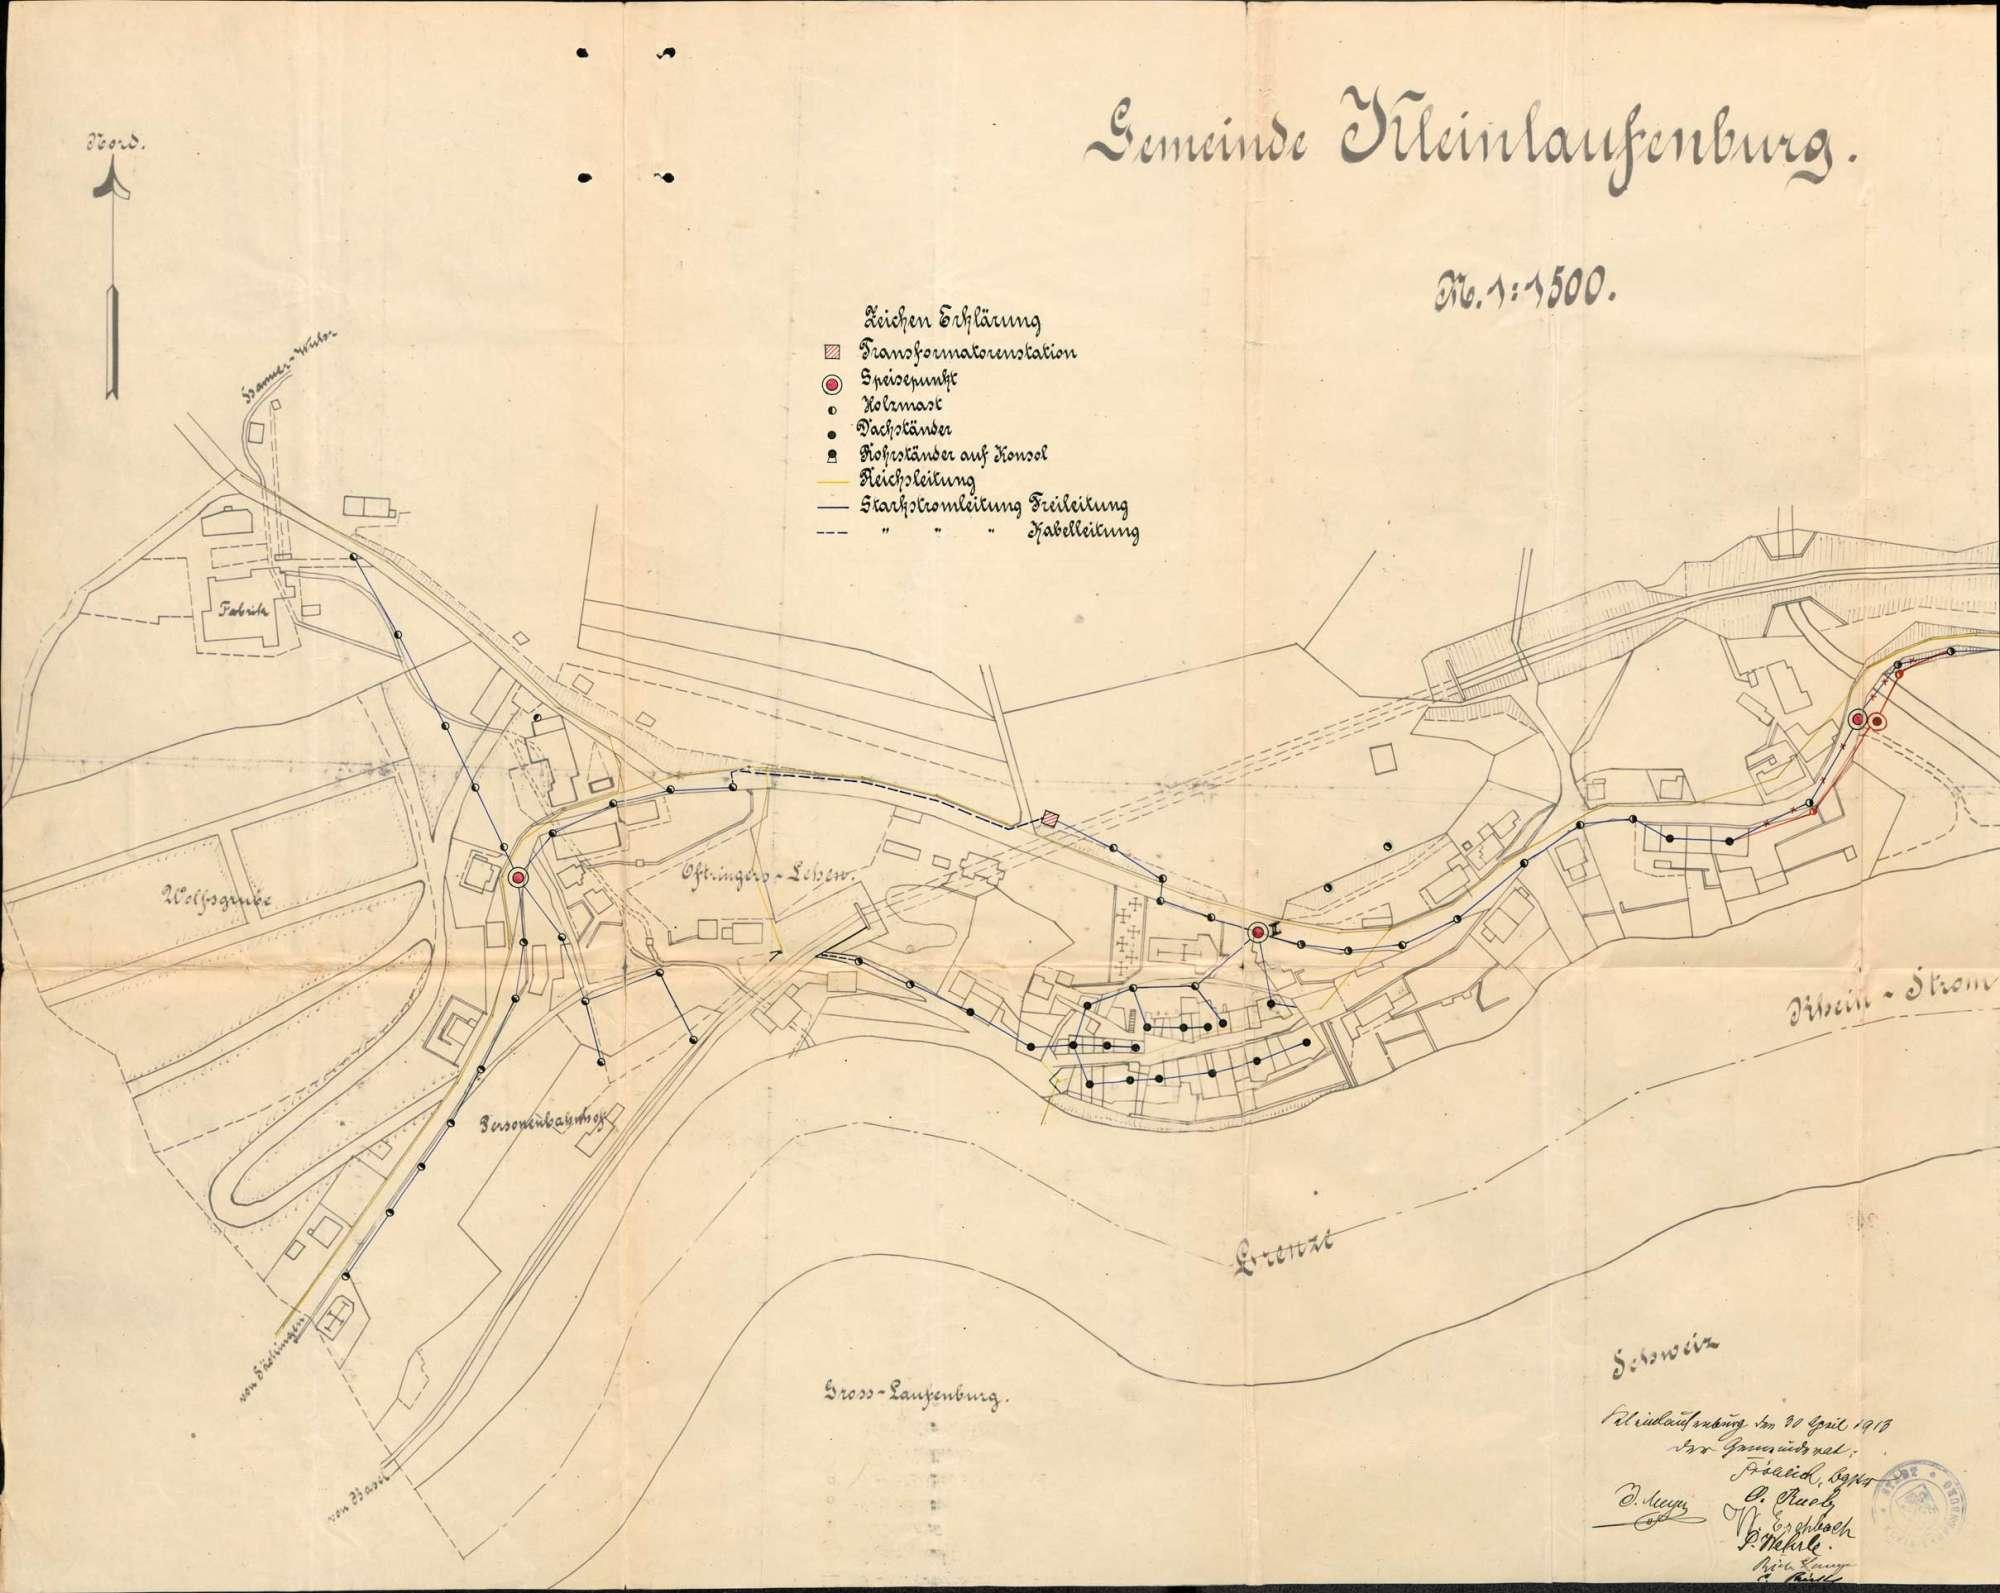 Versorgung der Stadt Kleinlaufenburg bzw. Laufenburg (Baden) mit elektrischer Energie, insbesondere Verlegung elektrischer Leitungen, Bild 3